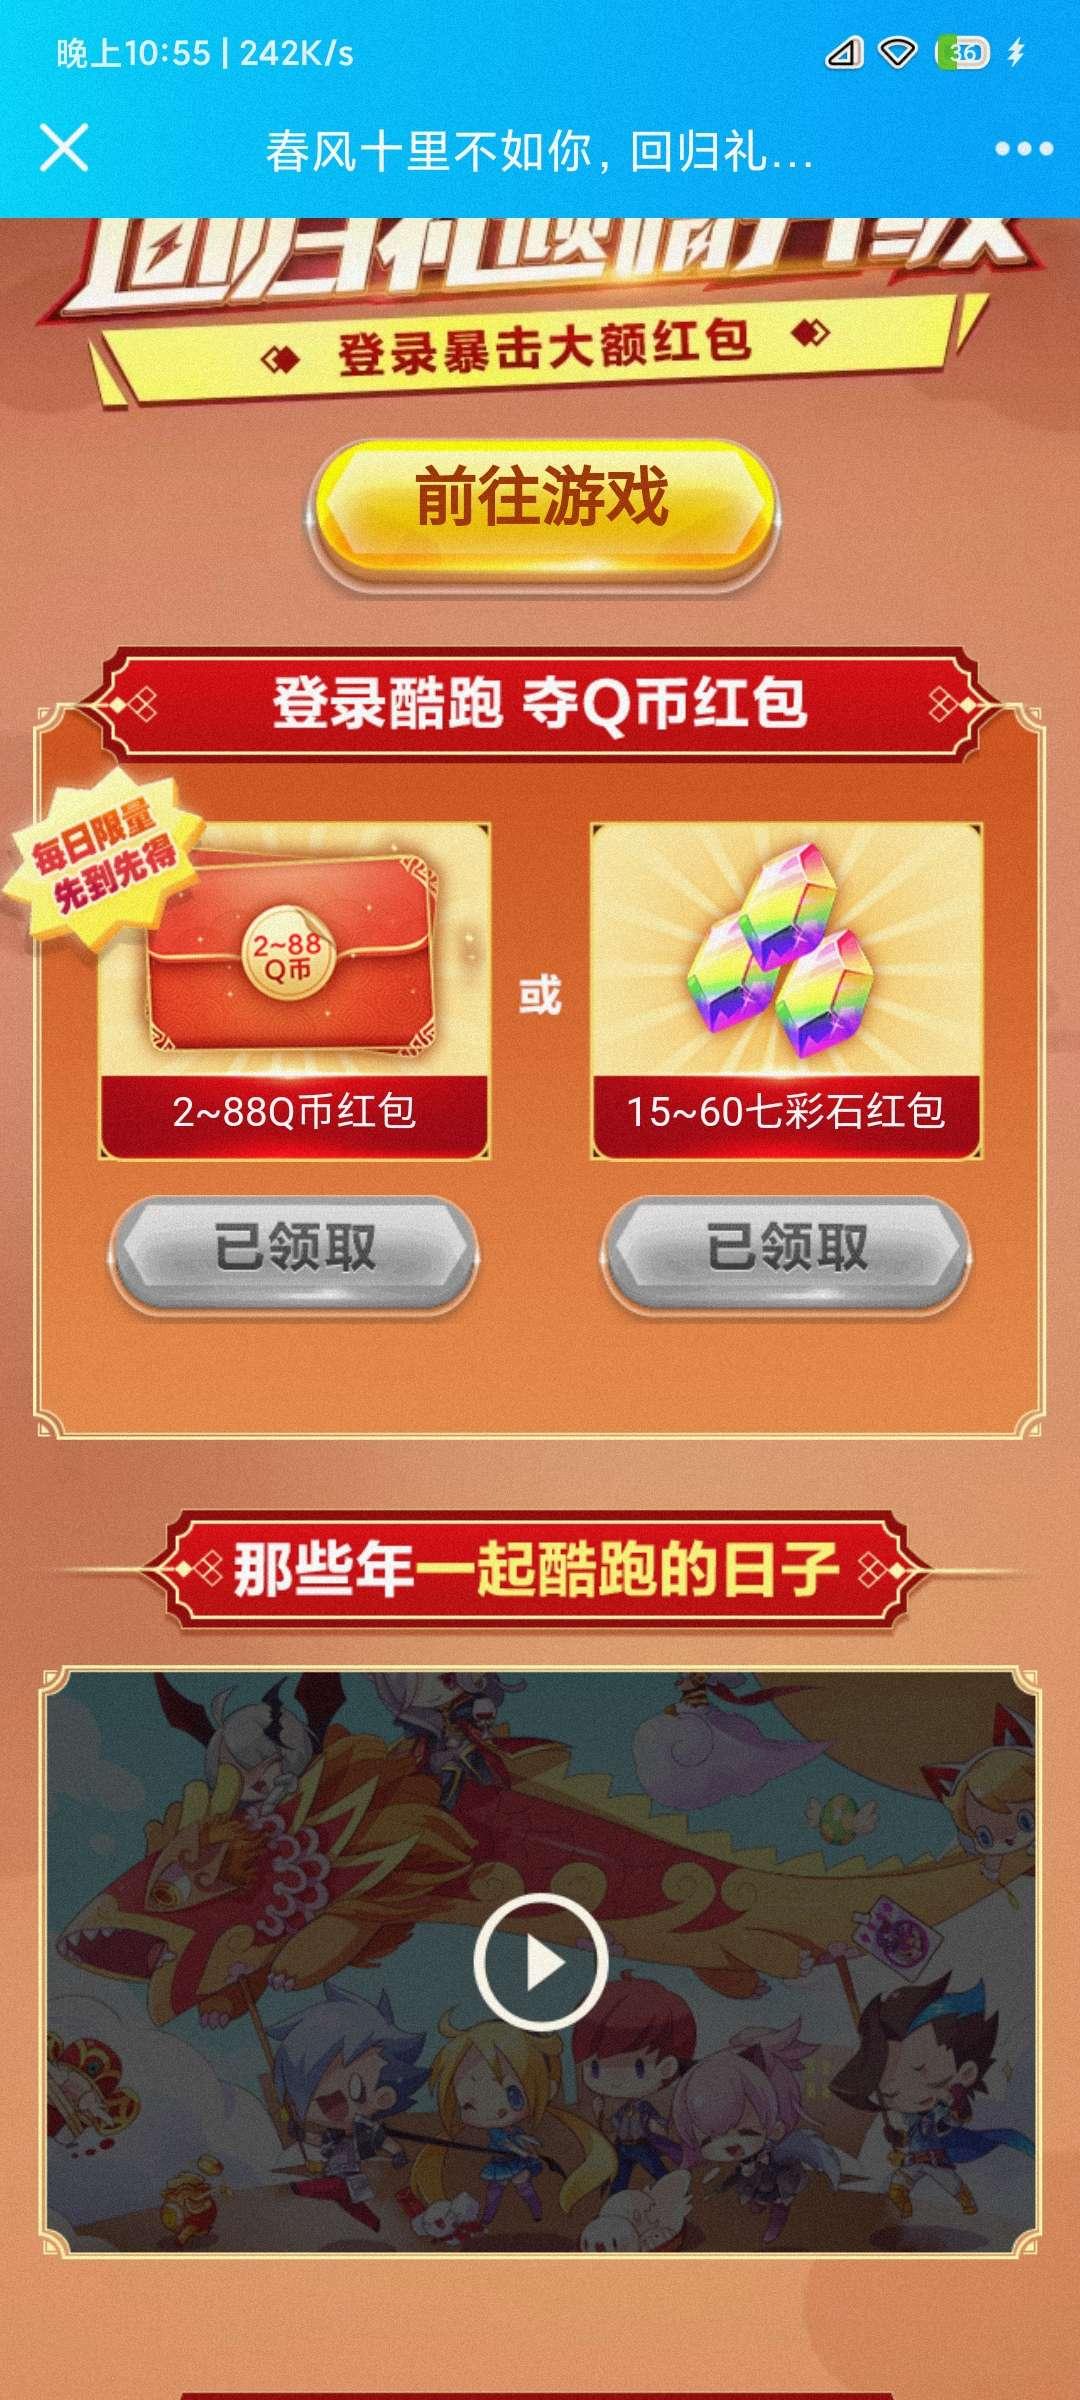 【虚拟商品】天天酷跑3d登陆抽Q币插图